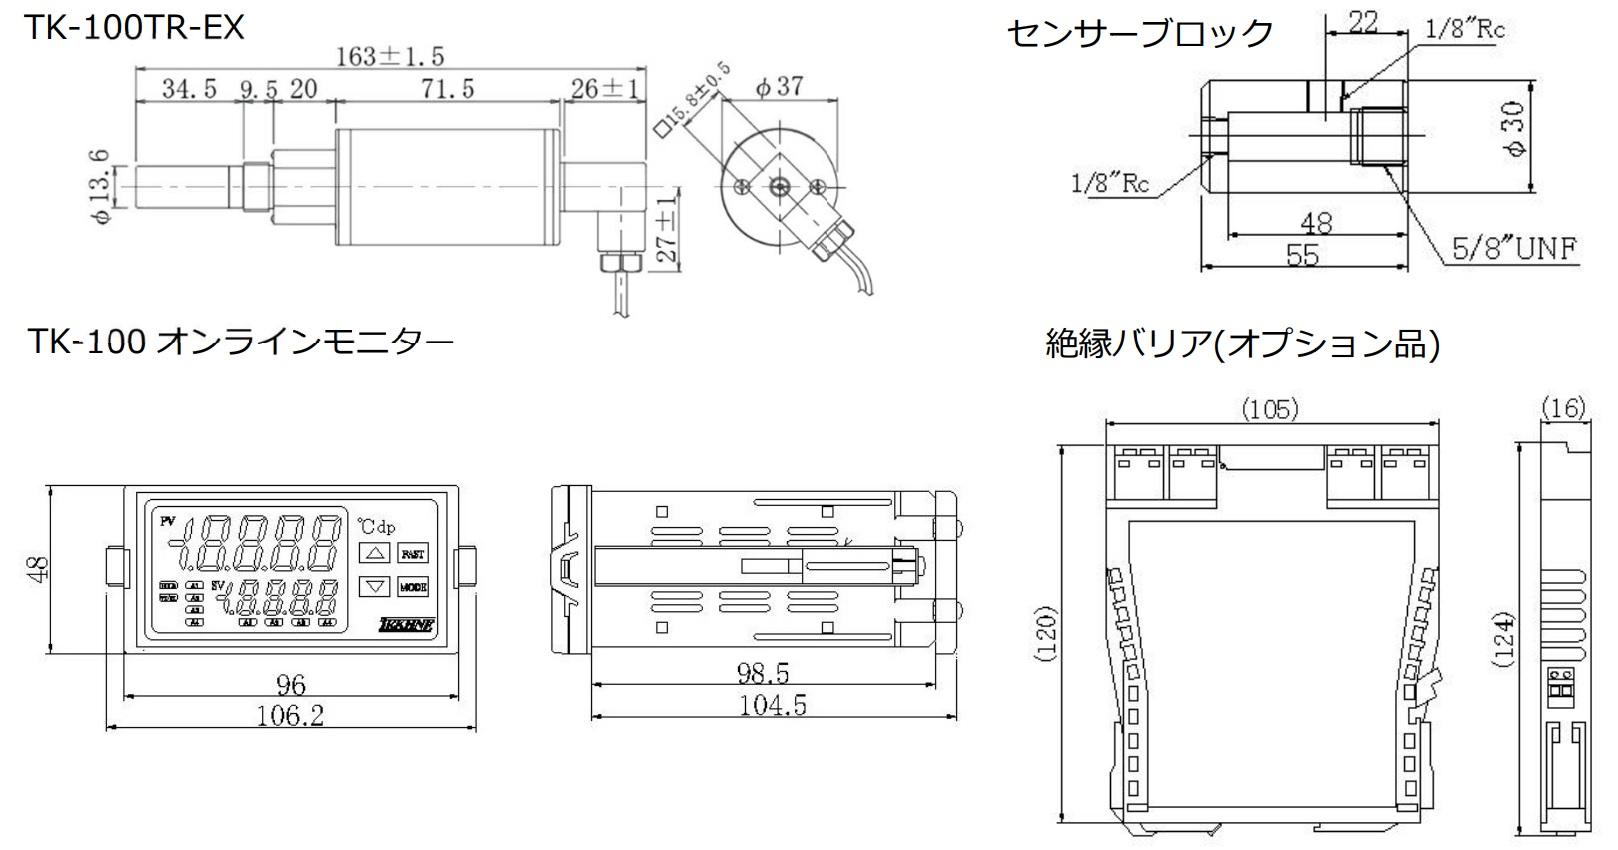 防爆露点計(静電容量式)TK-100TR-EX オンラインモニター寸法図